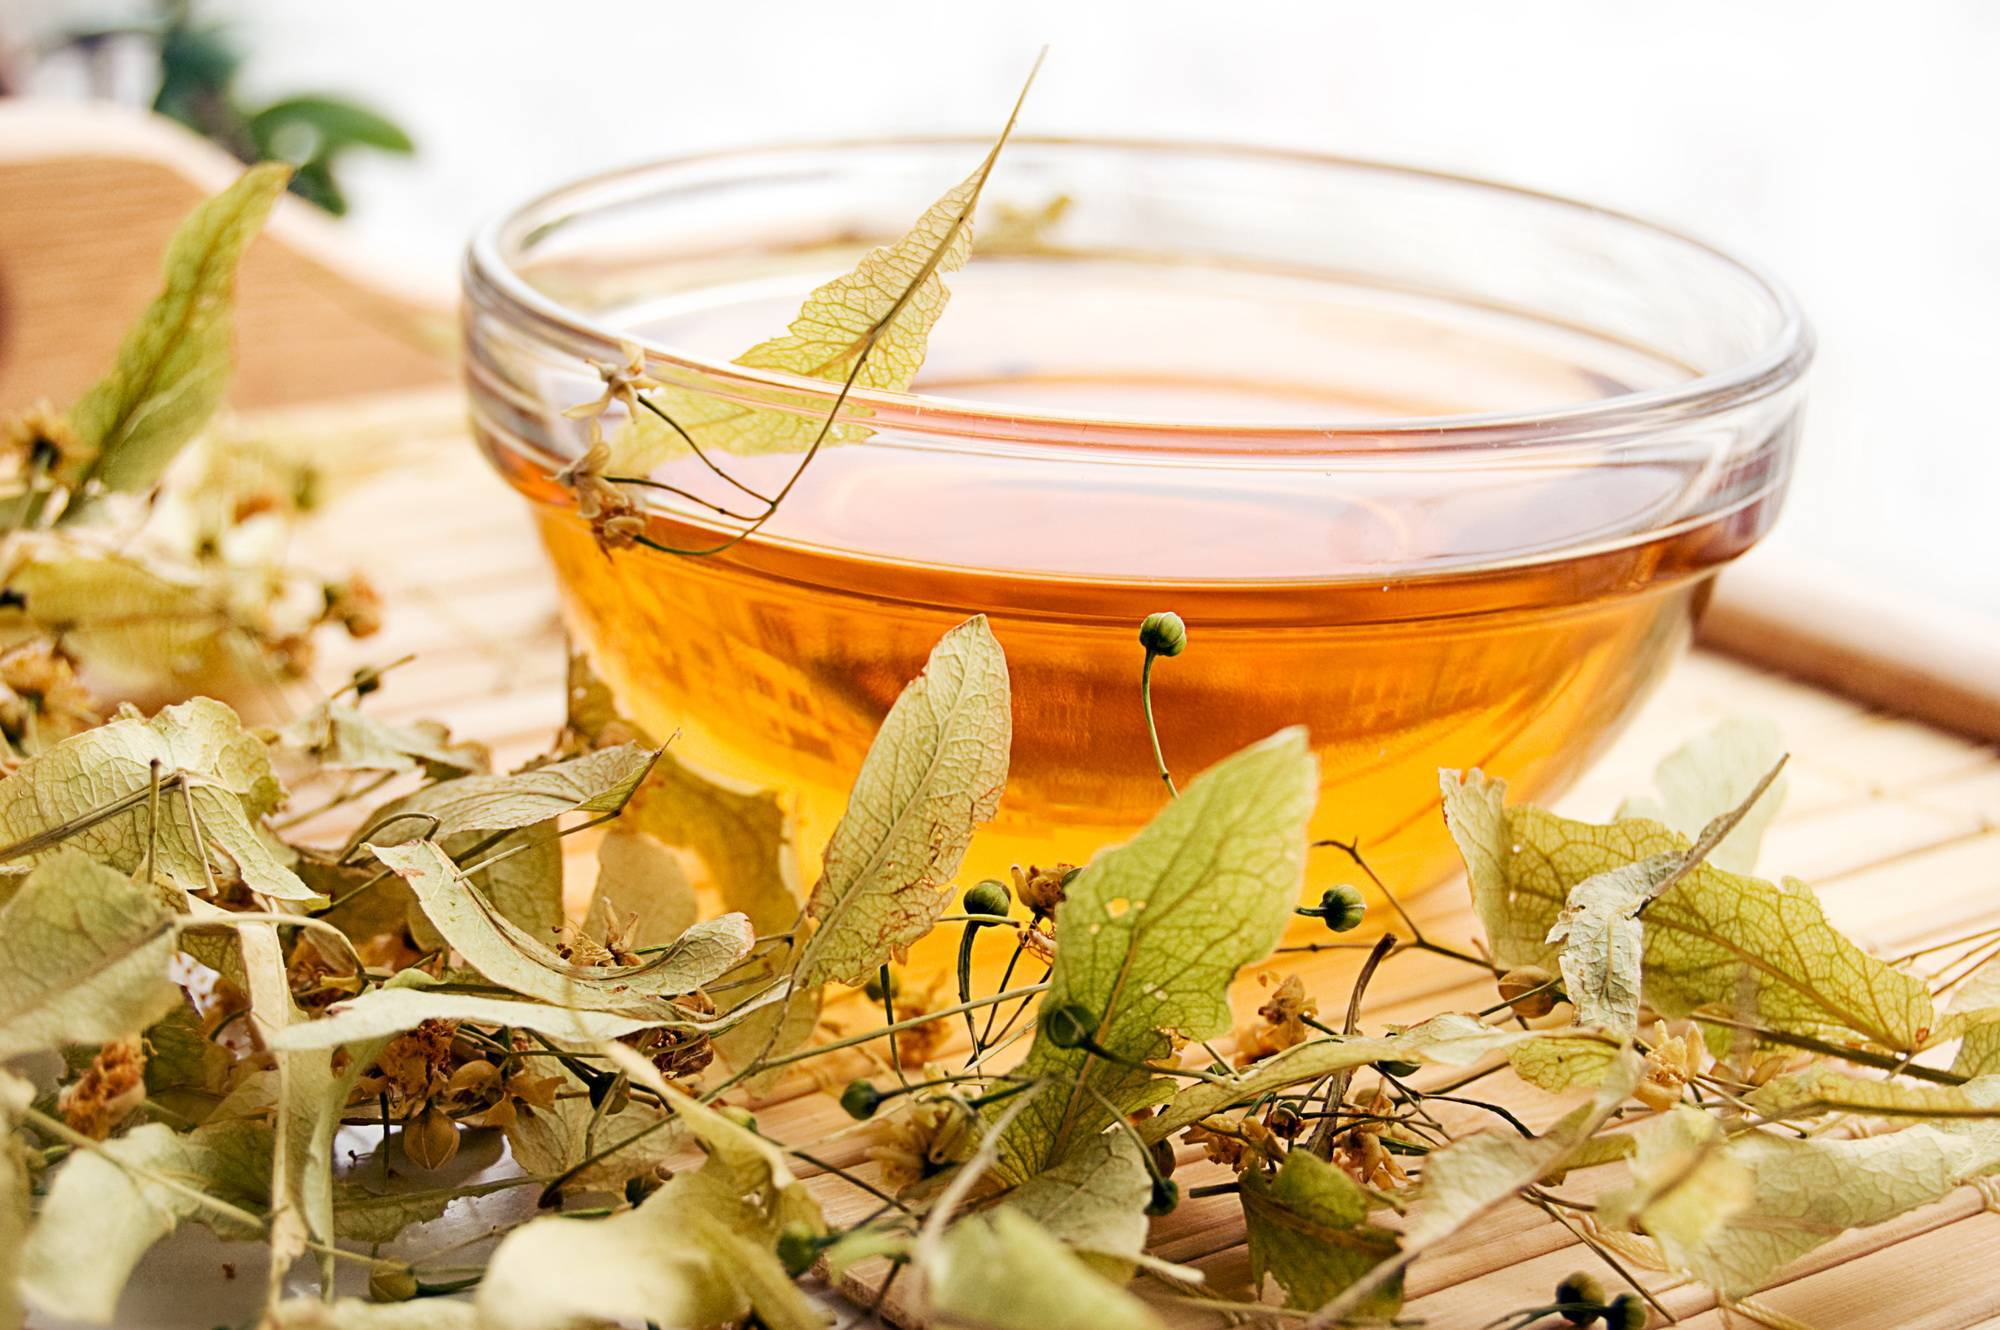 Инжир — 12 полезных свойств и противопоказания для организма